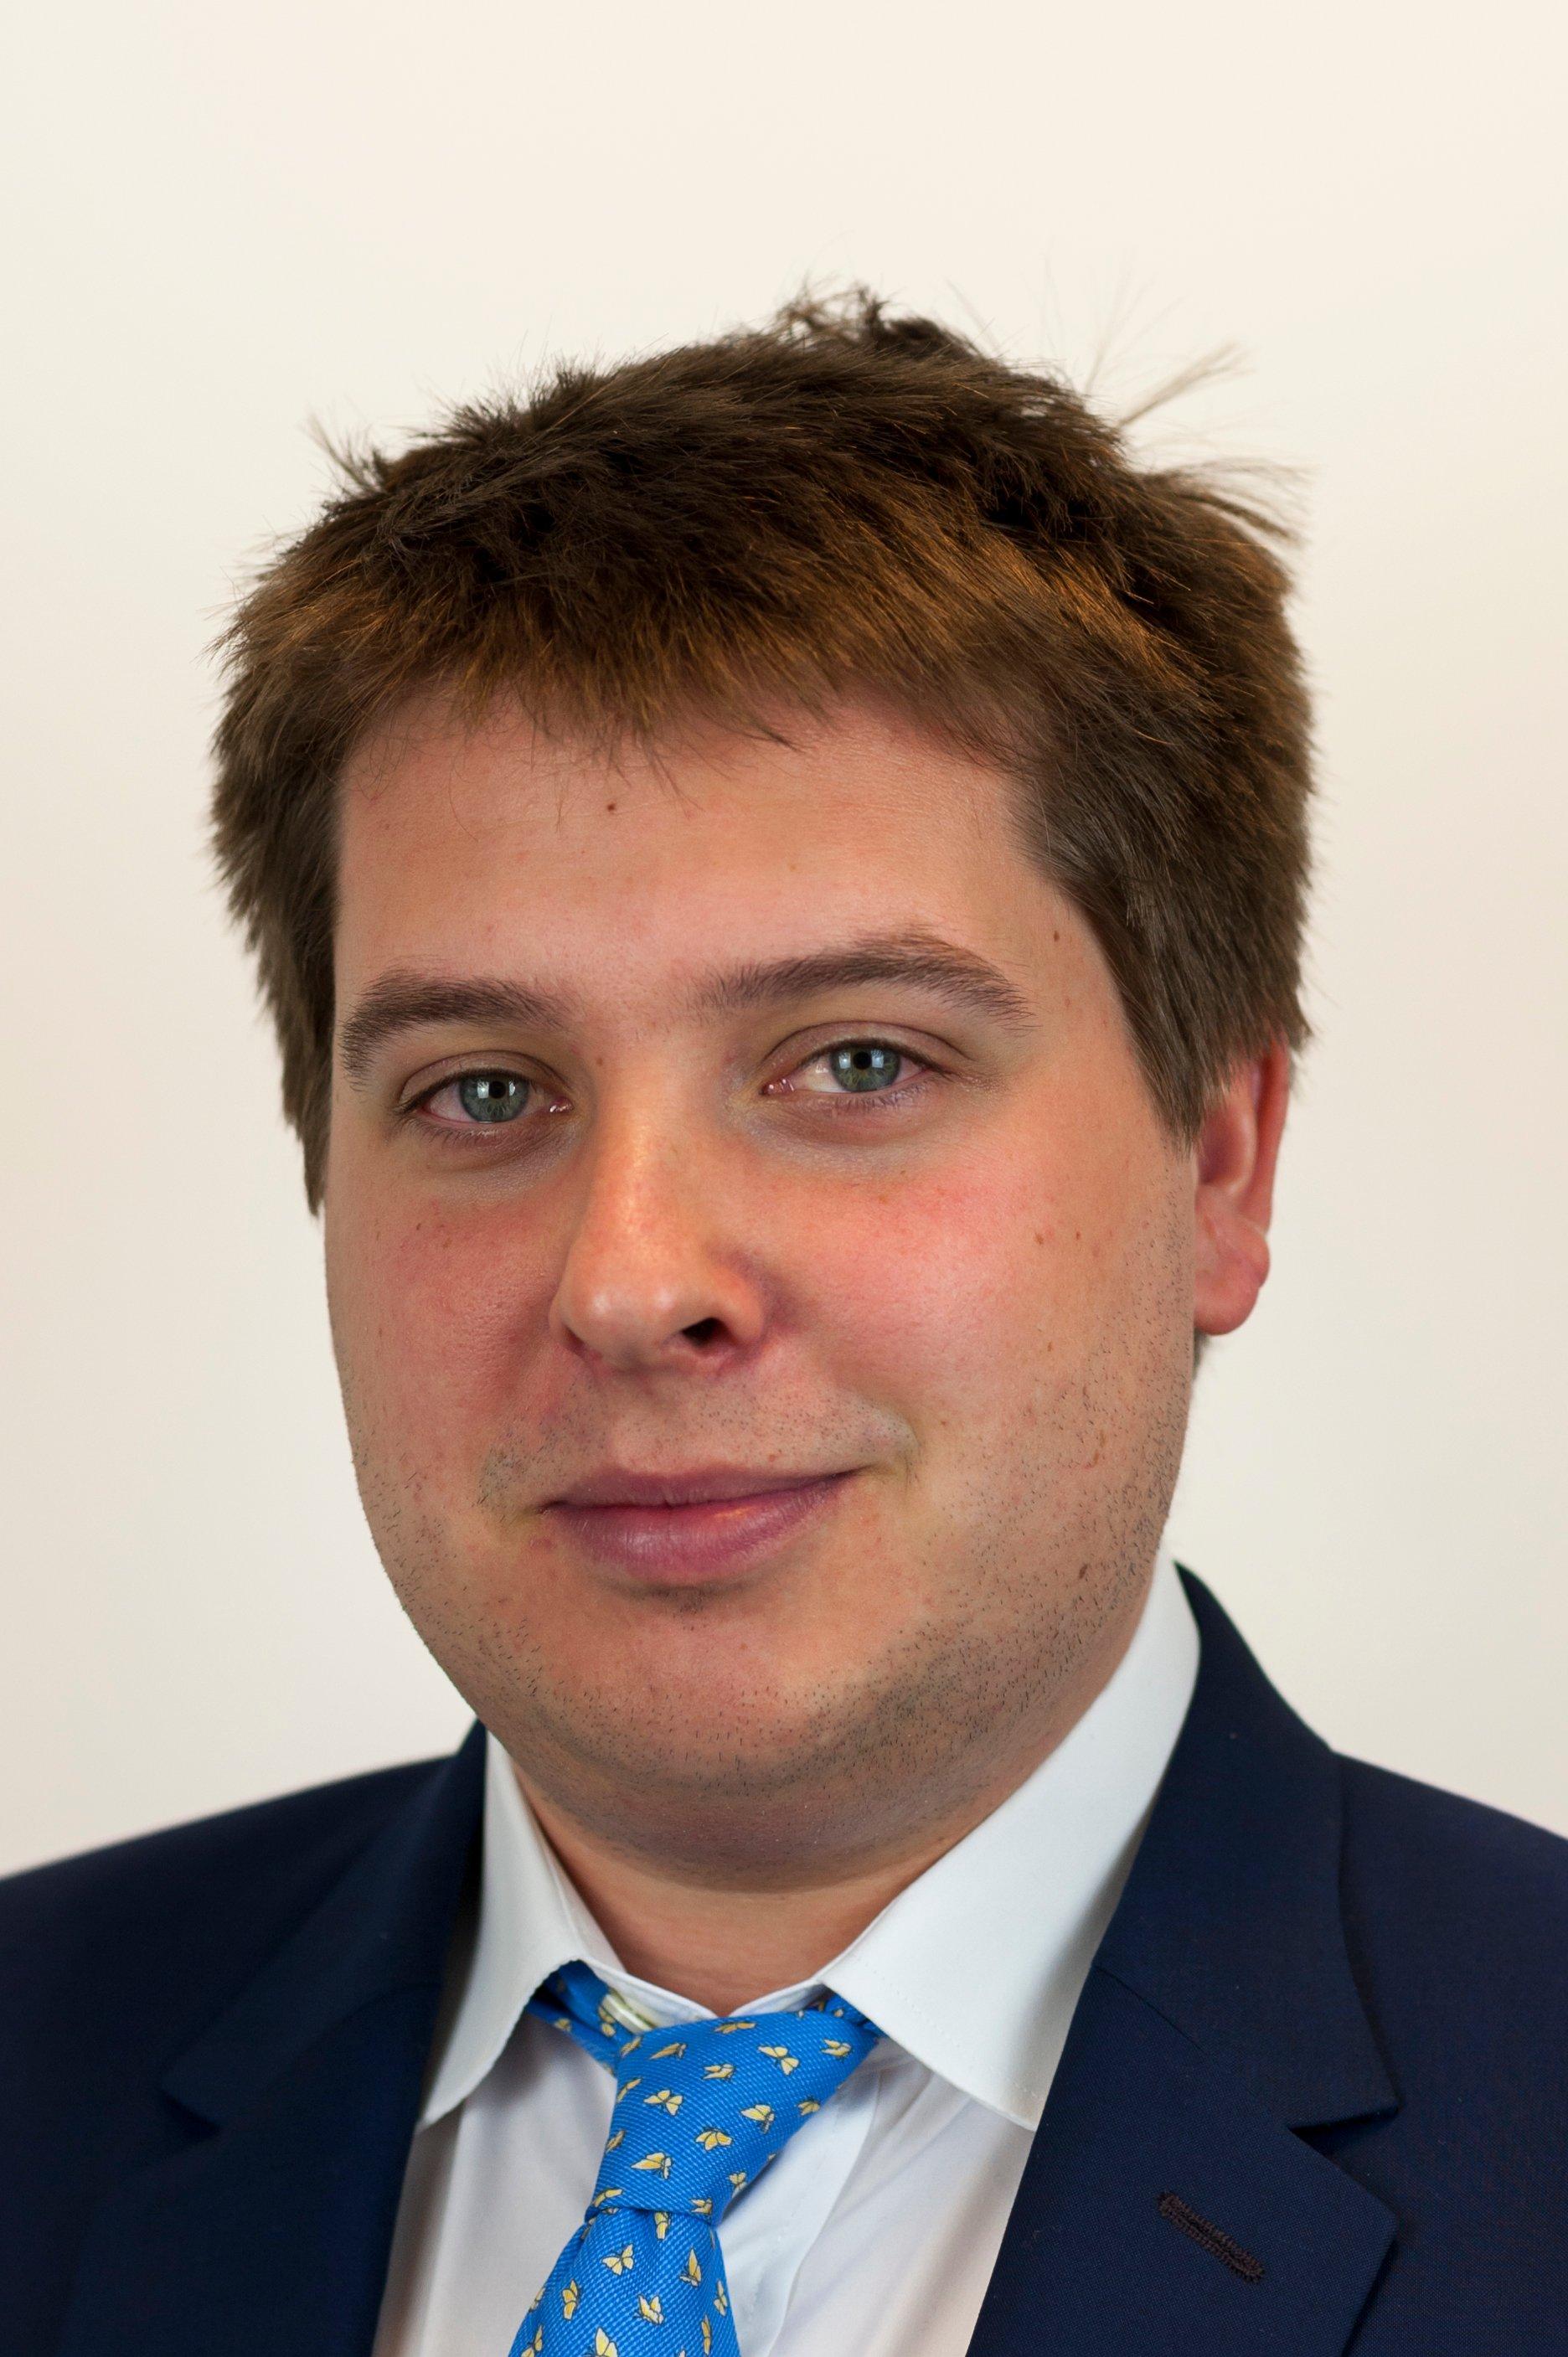 Marcus Chenevix